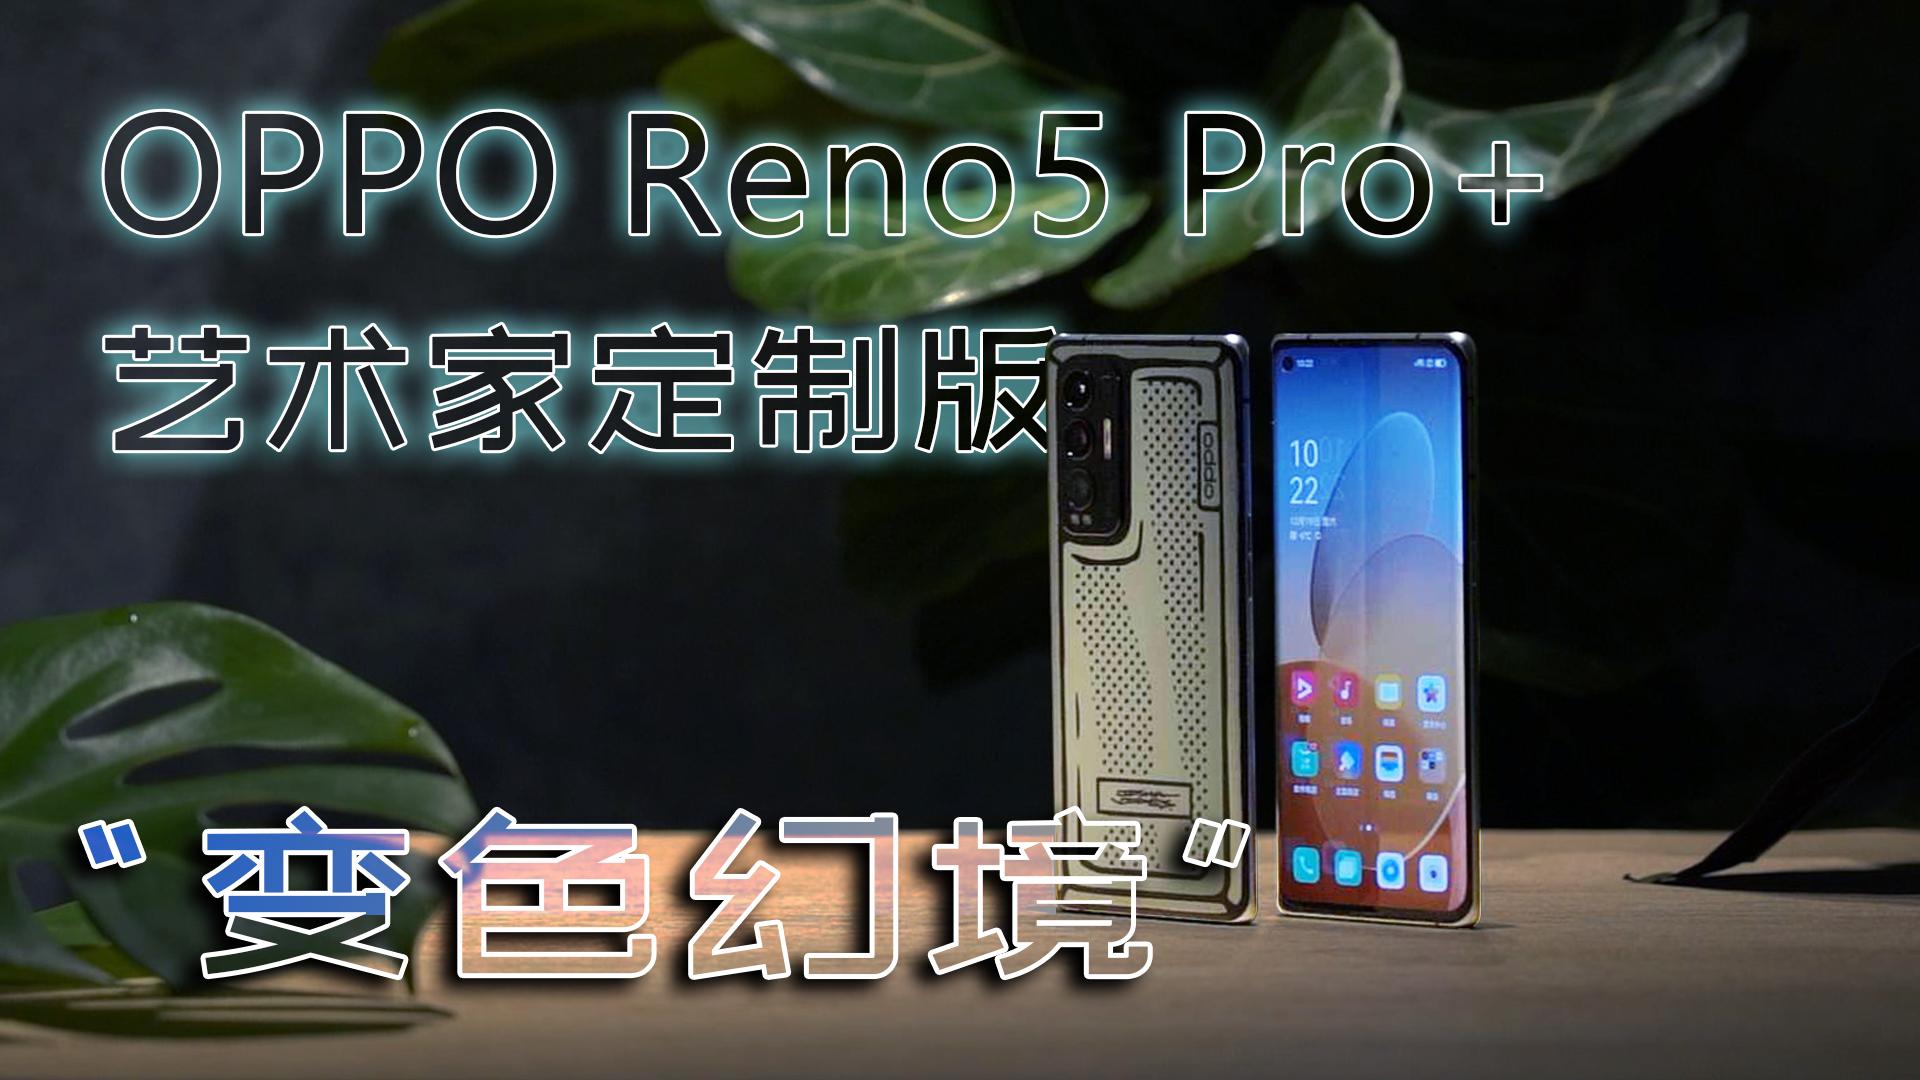 电致变色后盖!OPPO Reno5 Pro+艺术家定制版抢鲜上手